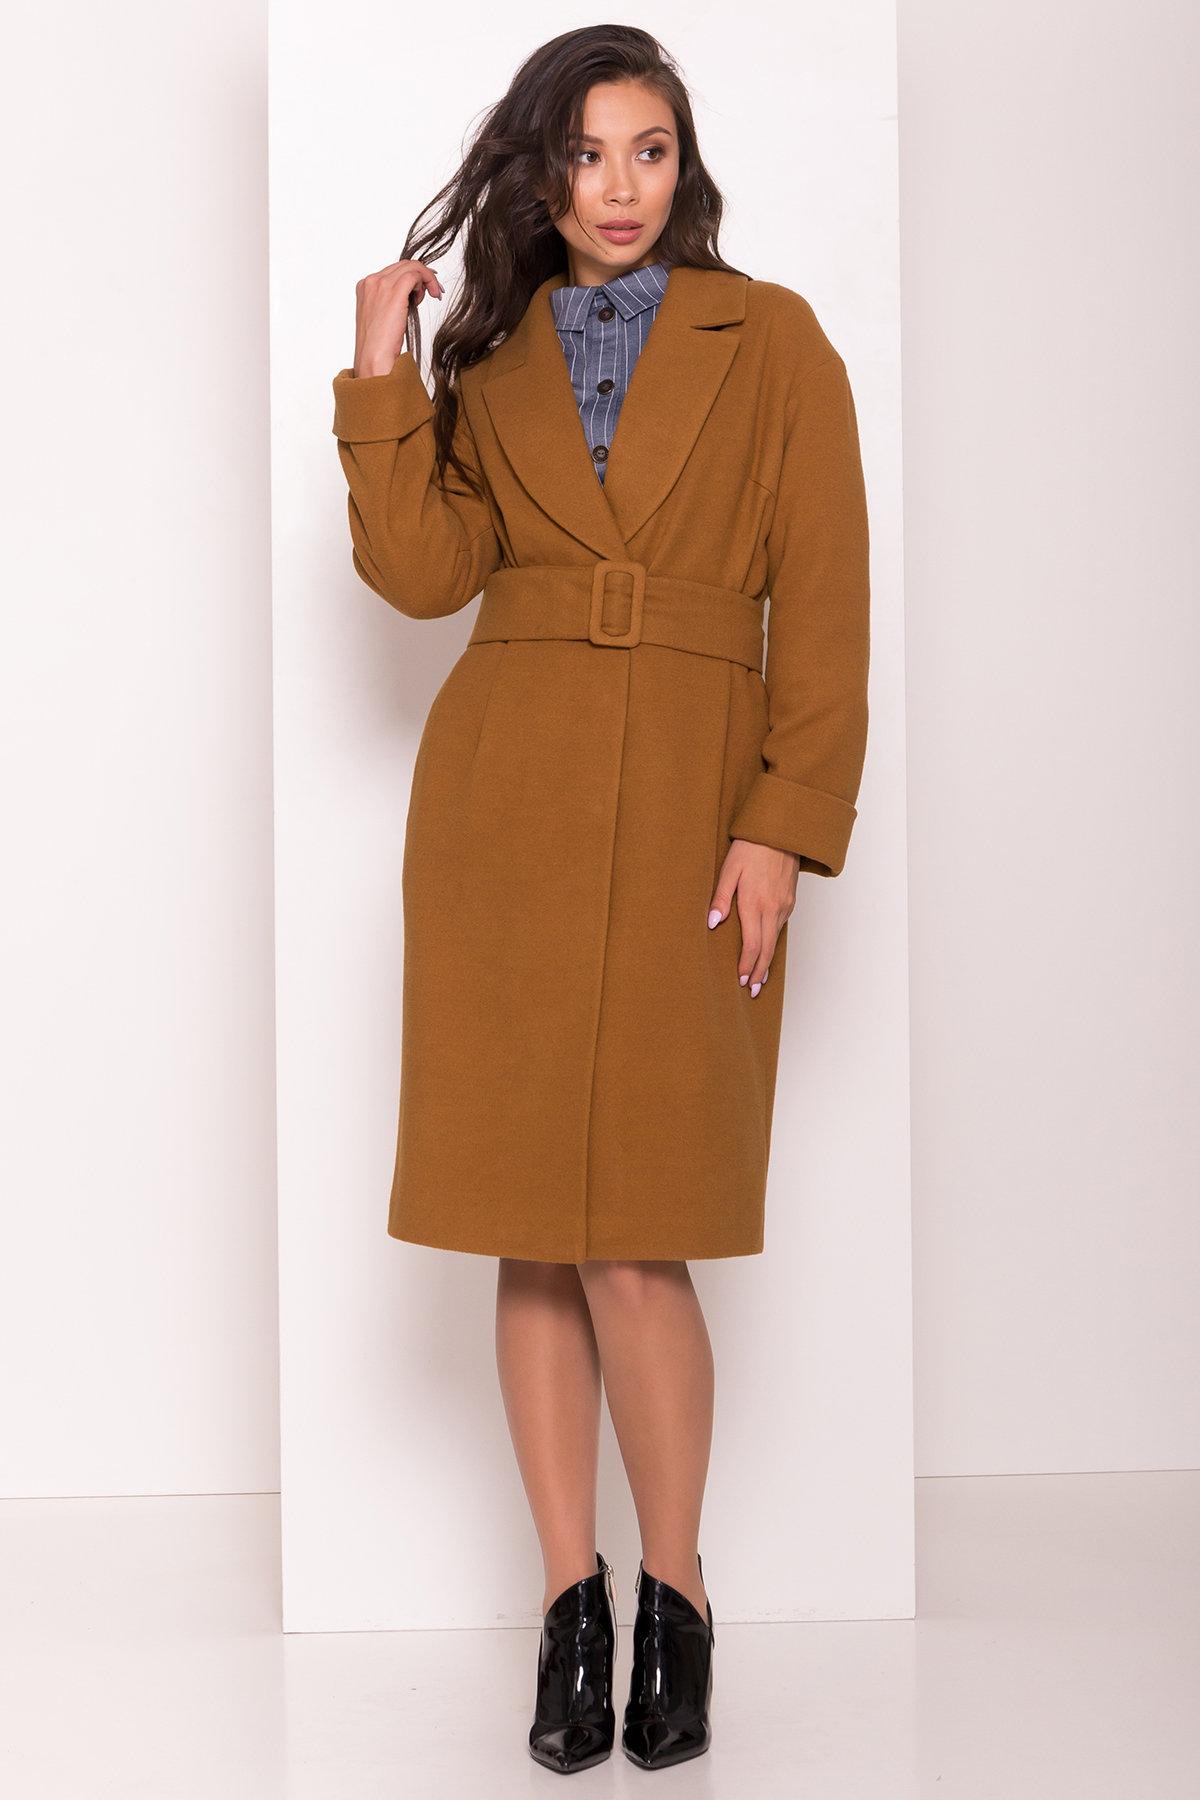 Демисезонное пальто Севен 8052 Цвет: Кемел